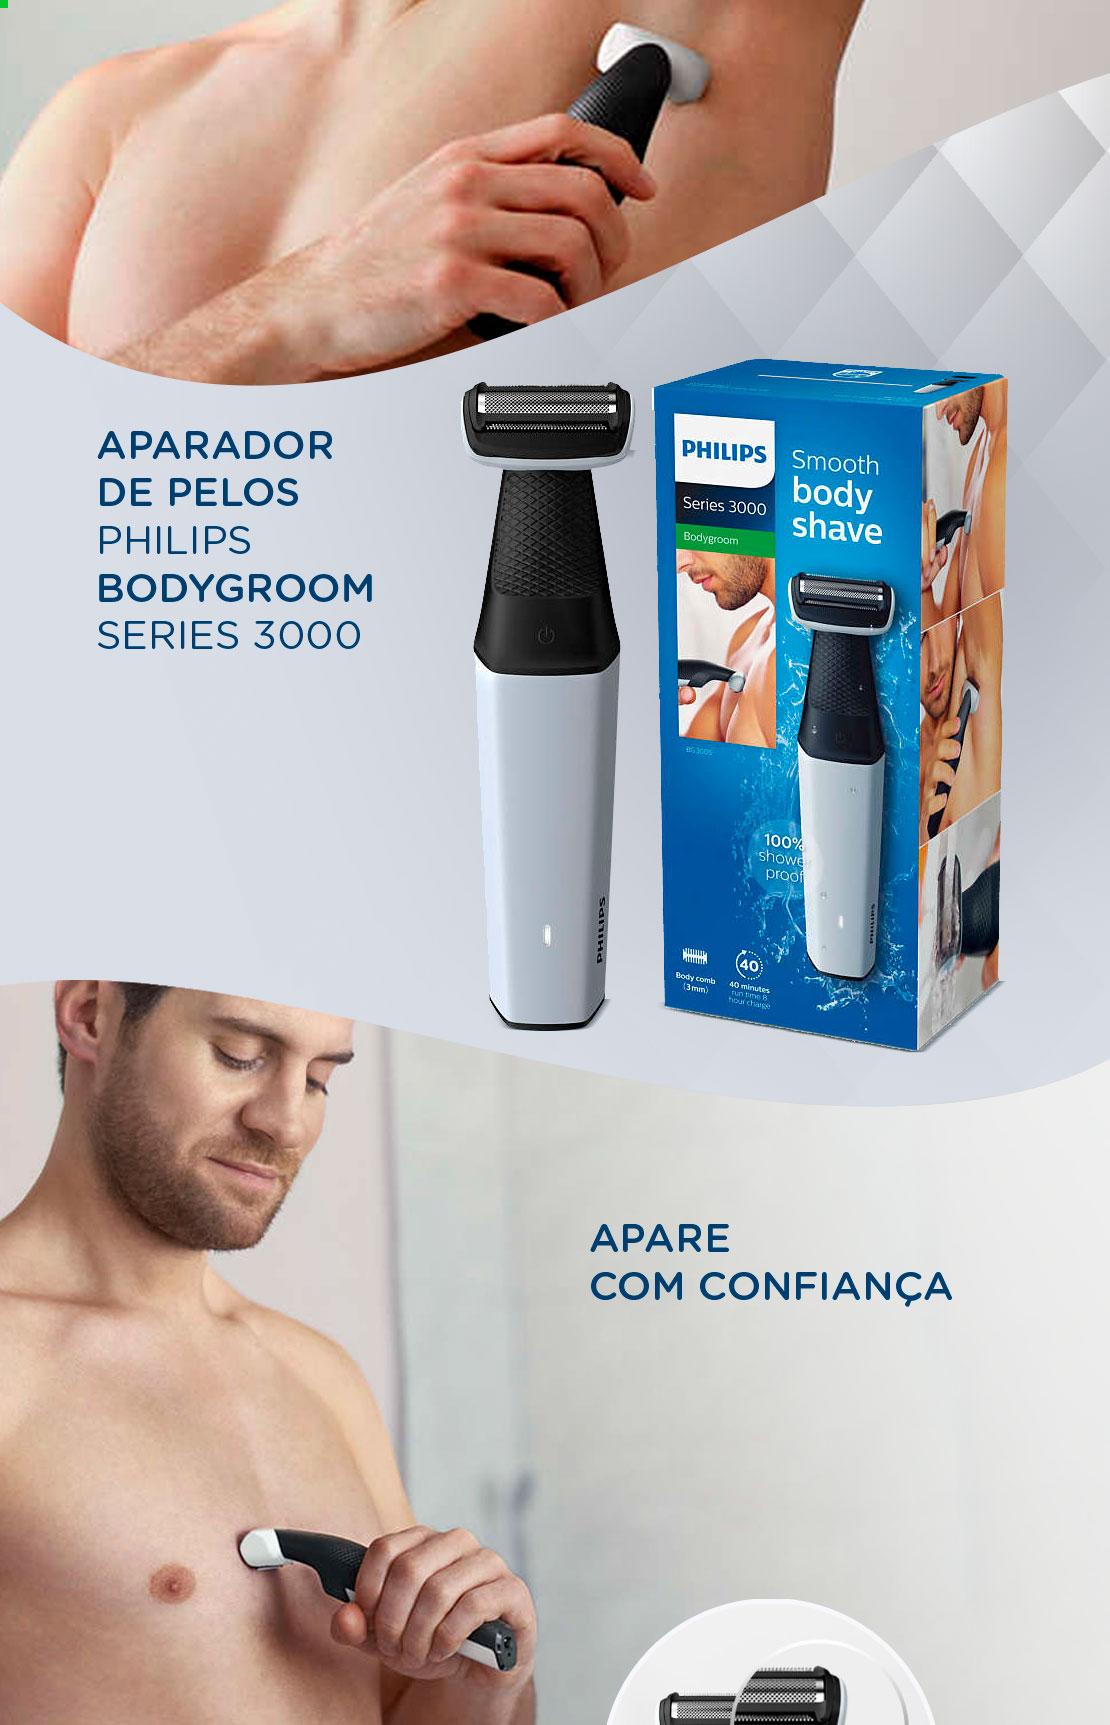 e9387514e Que tal aparar os pelos do corpo e fazer a barba sem medo de ficar com a  pele irritada? Com o Philips BodyGroom BG3005/15 você faz isso de uma forma  prática ...